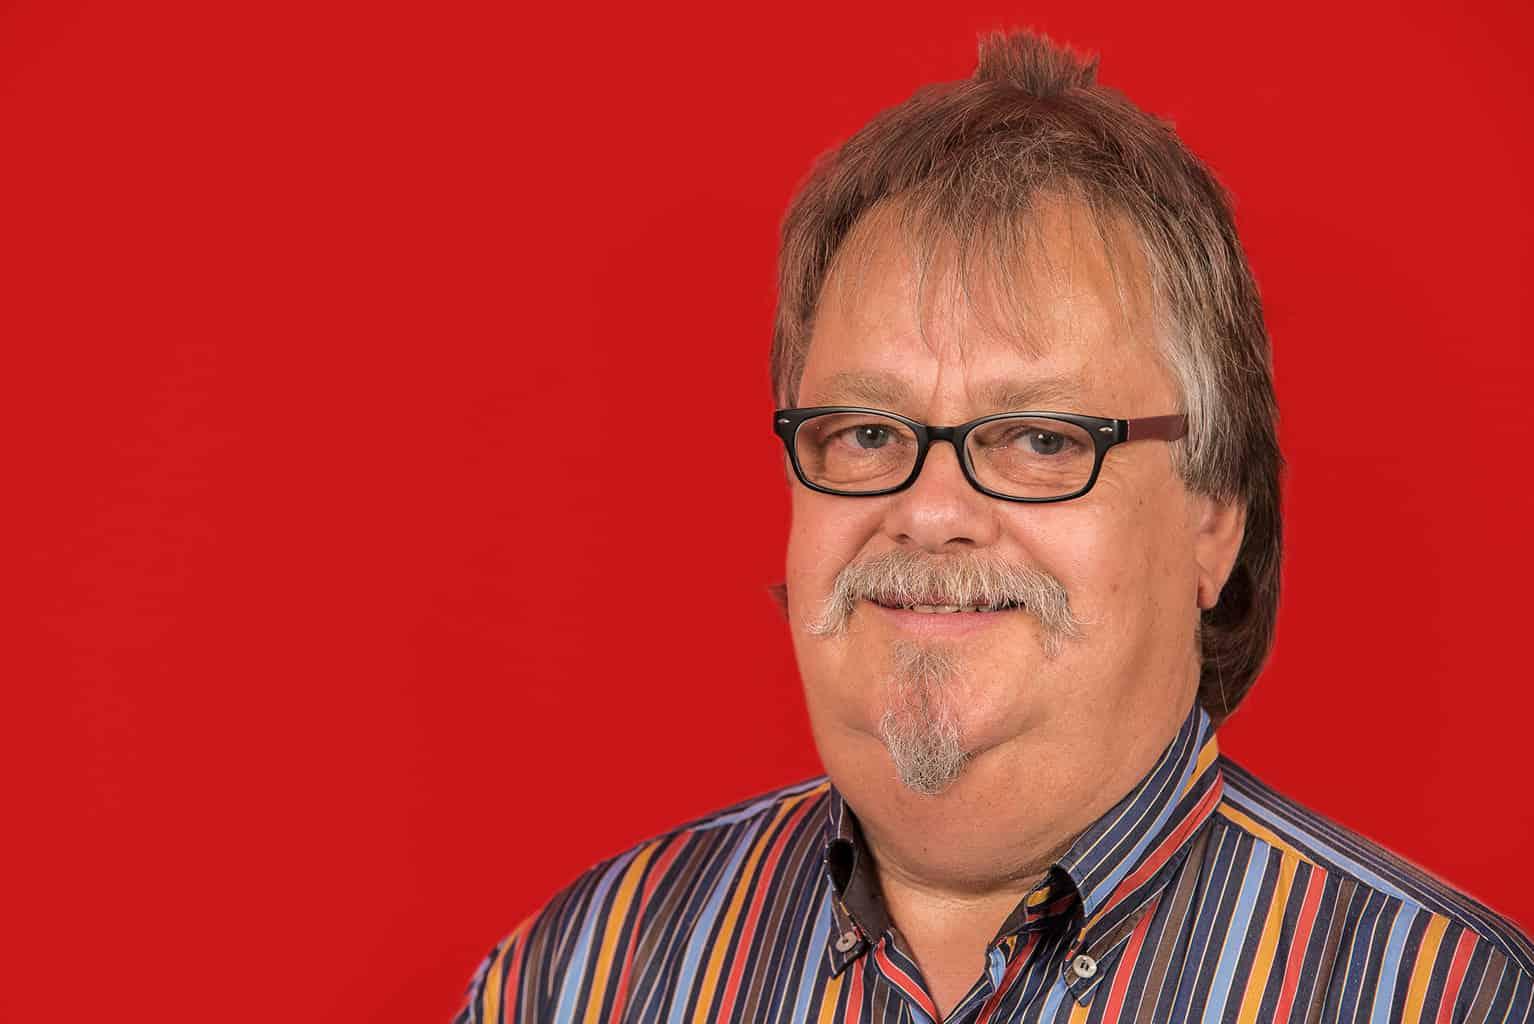 Dieter Lieske